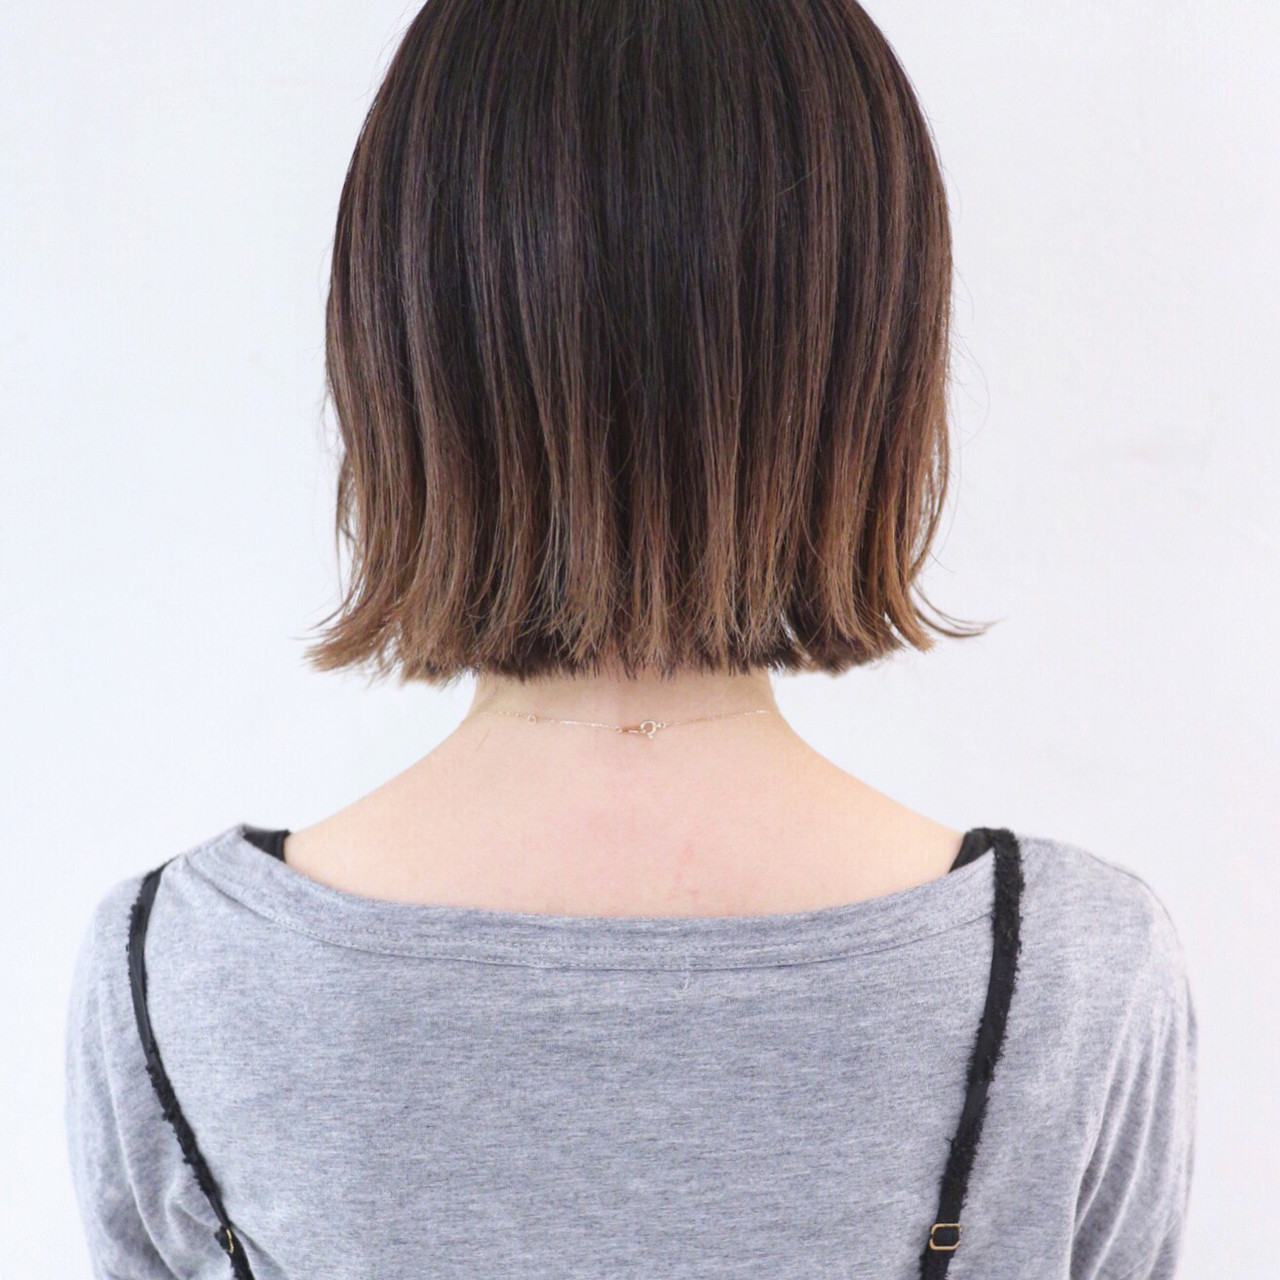 オフィスにもおすすめのボブのグラデーションカラー 三好 佳奈美Baco.(バコ)